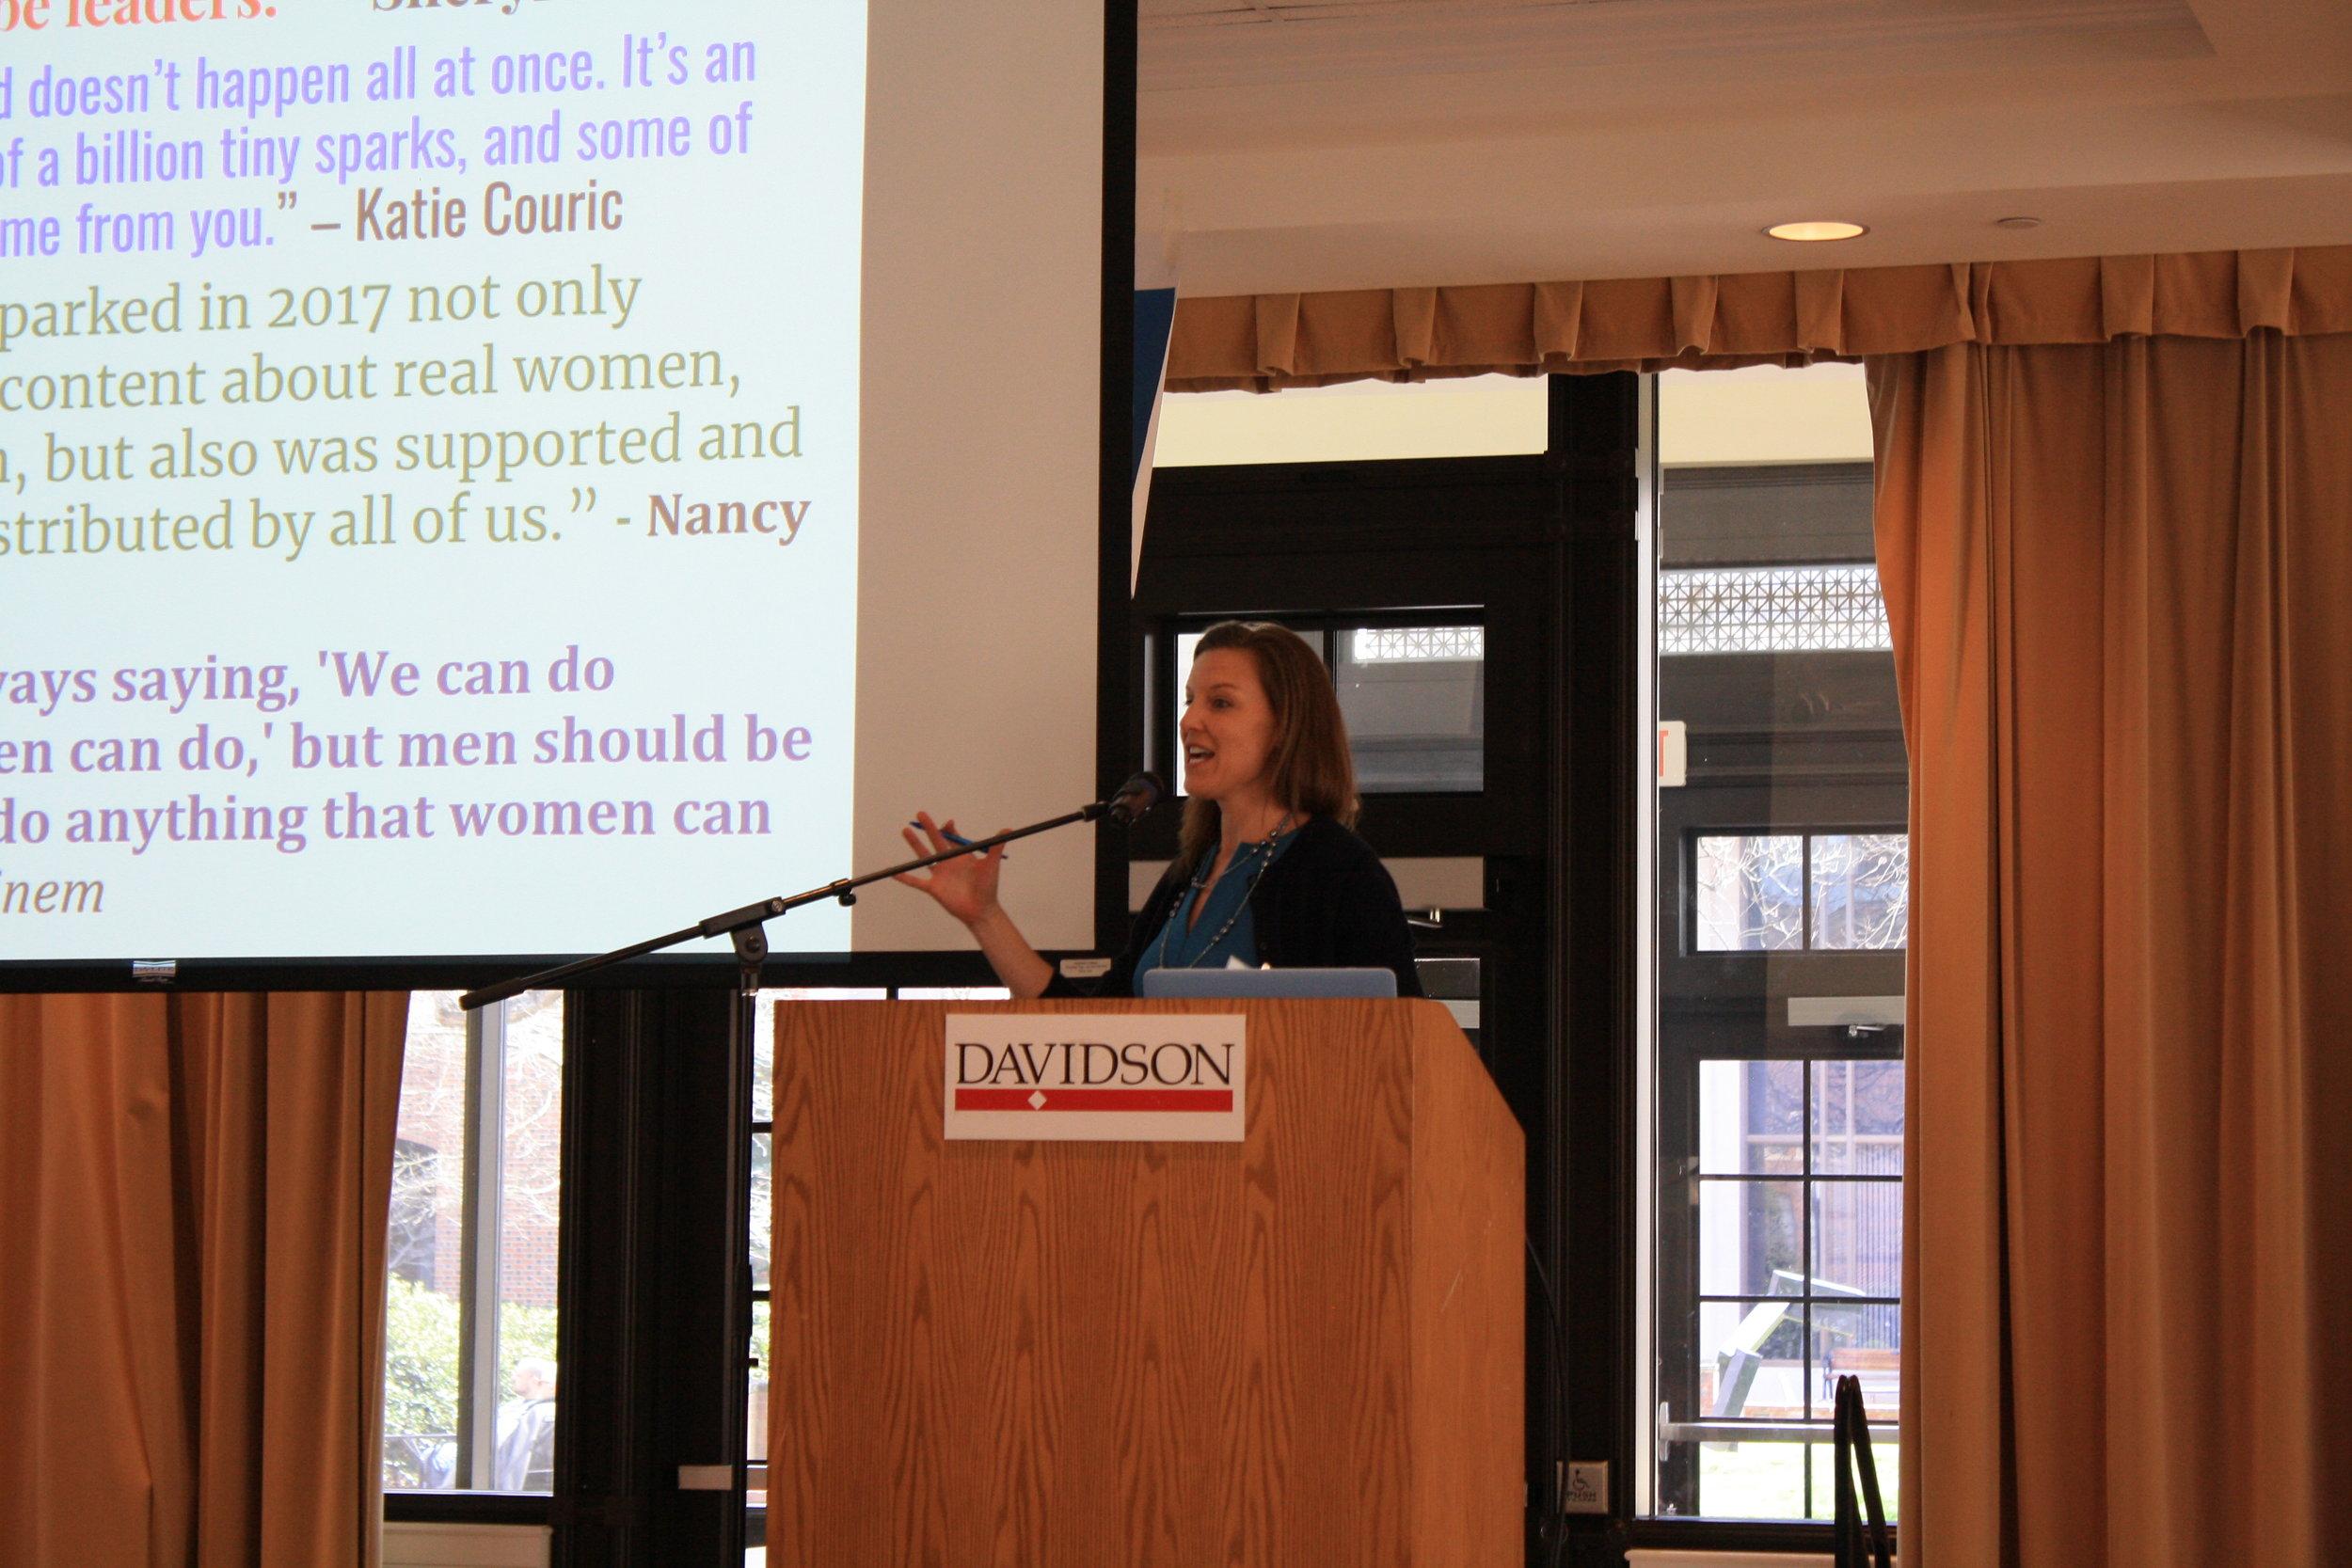 WomensLeadershipConferencephotoone.jpg